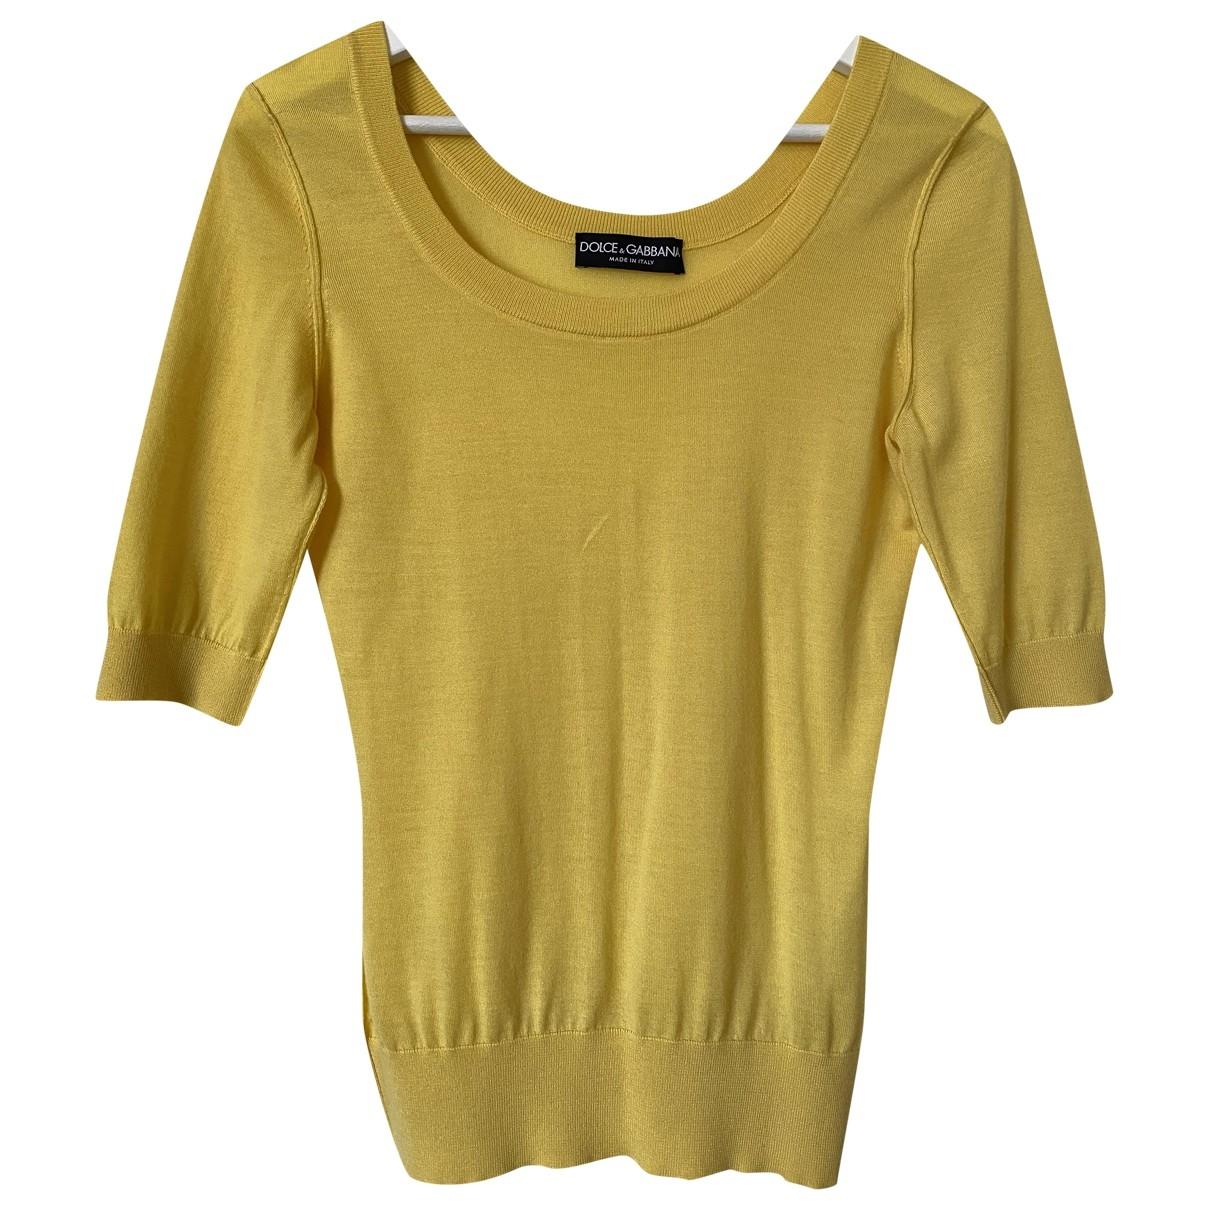 Dolce & Gabbana - Pull   pour femme en cachemire - jaune